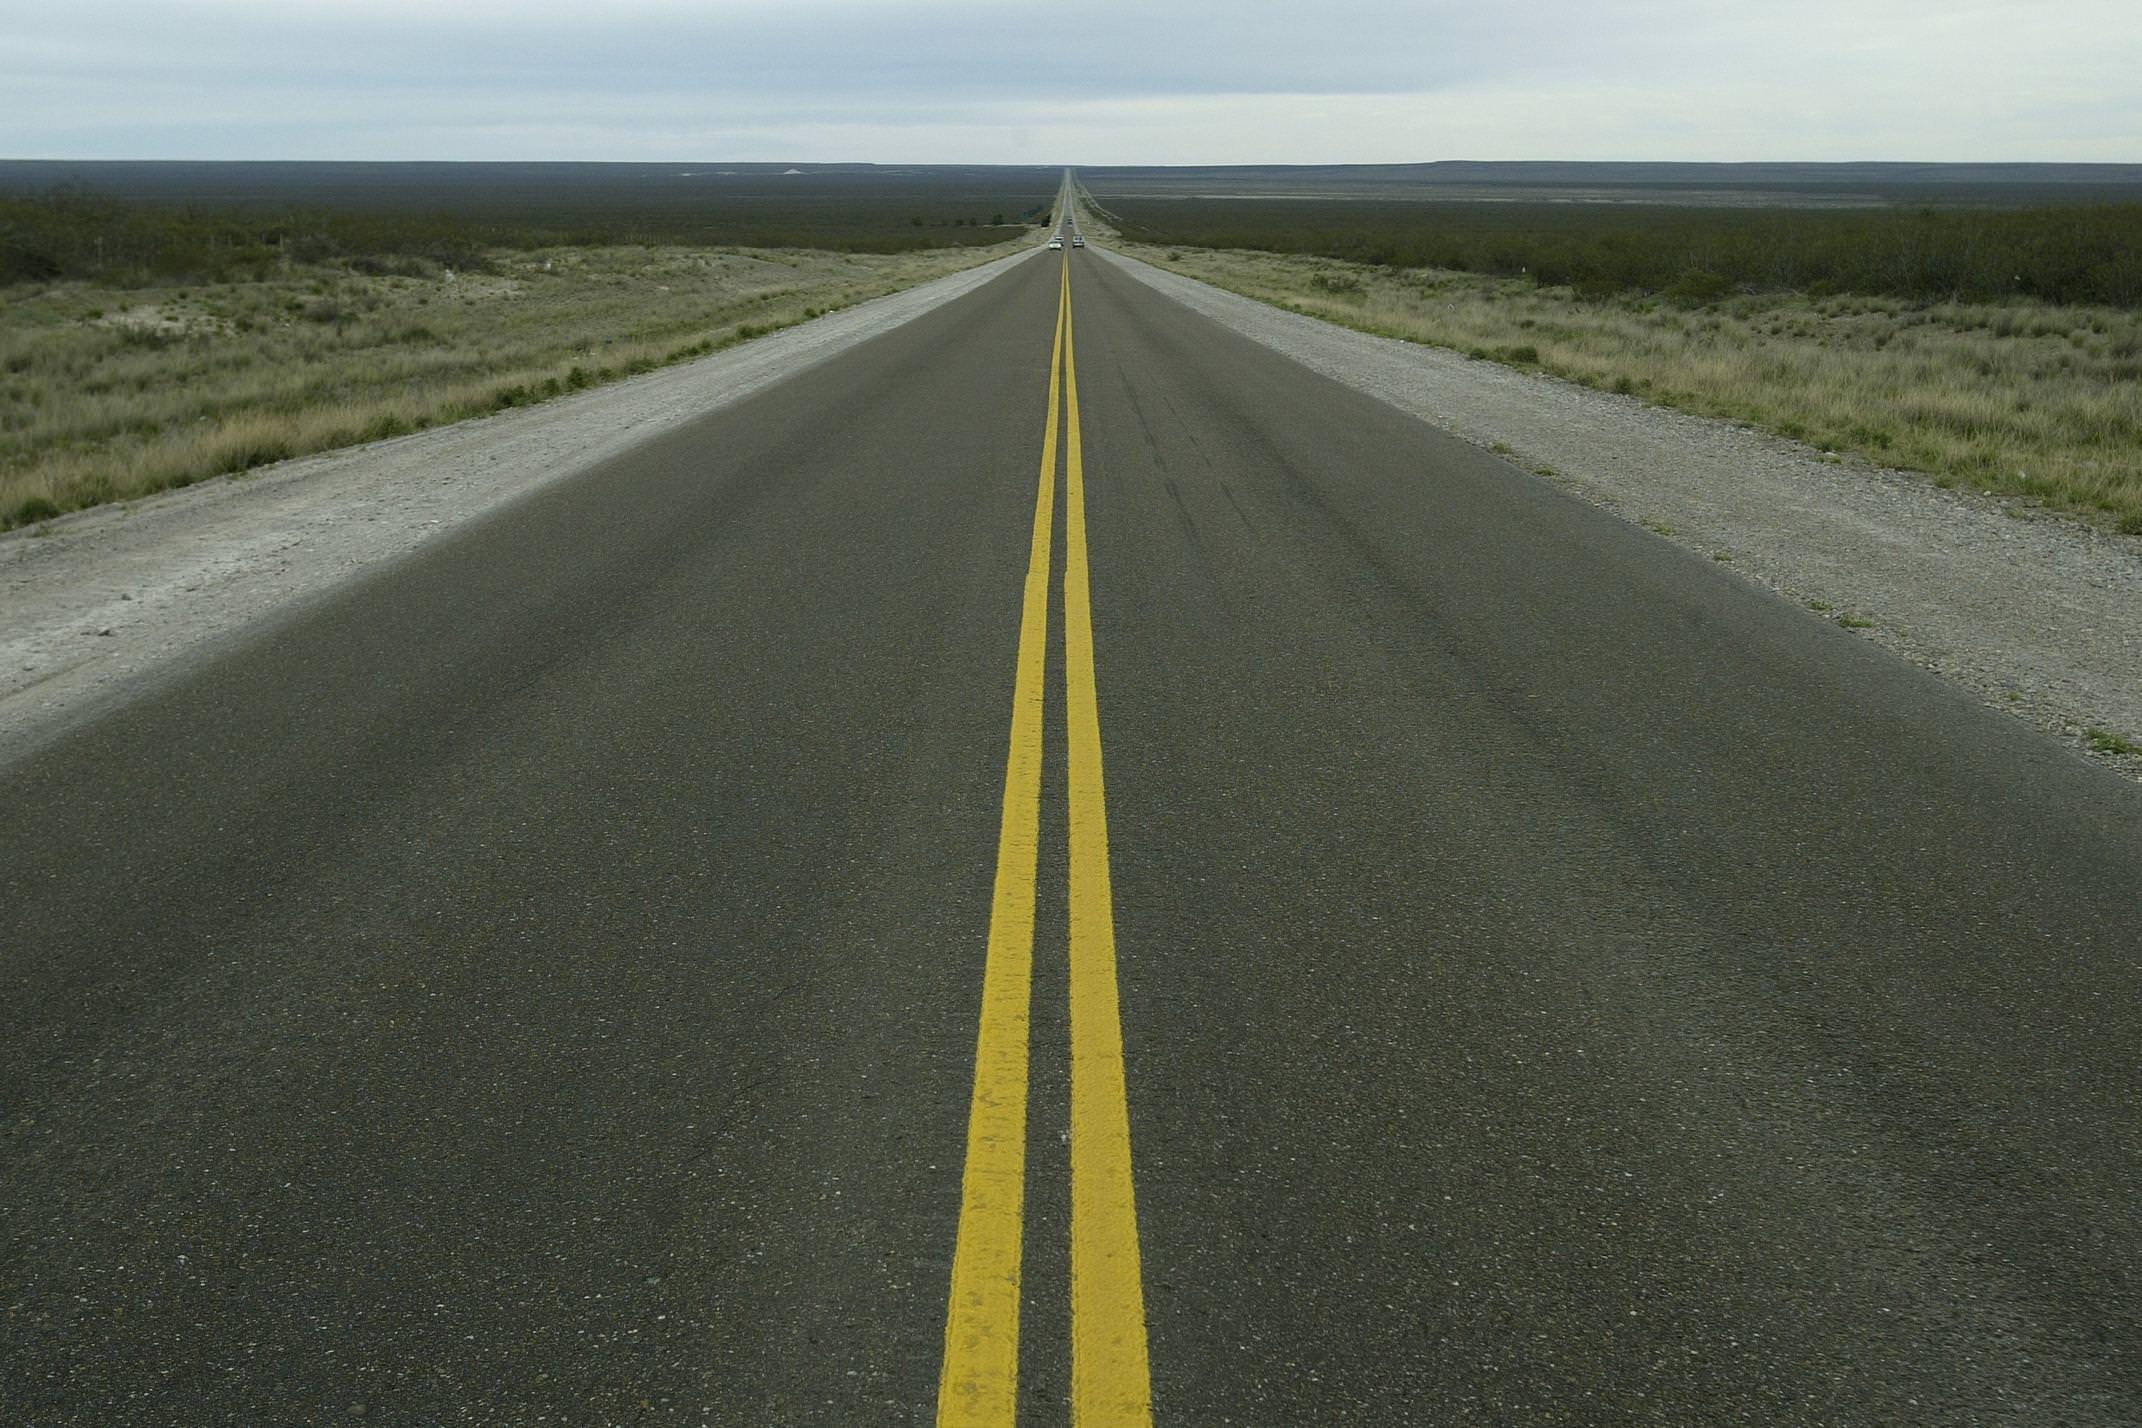 Argentina valdes peninusla endless road